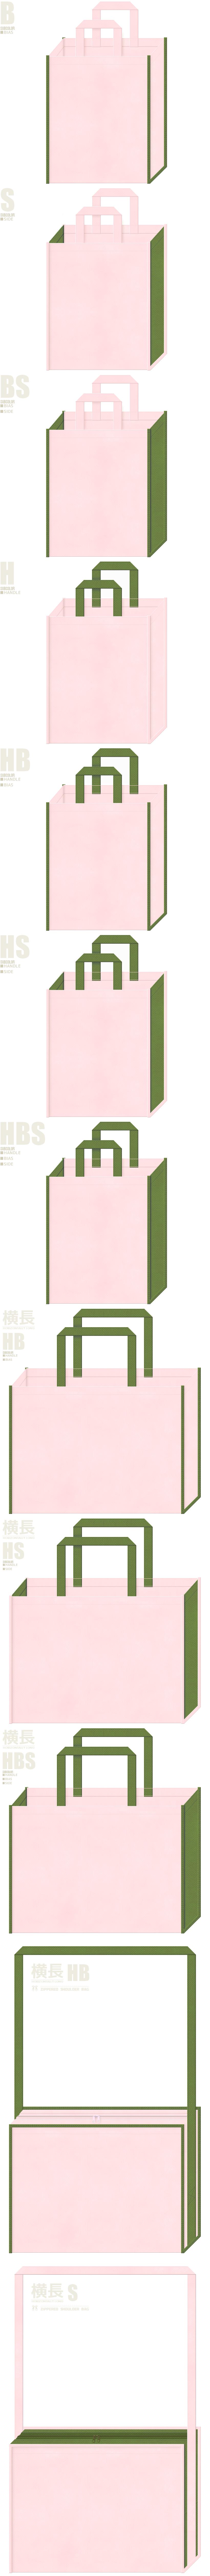 絵本・昔話・ももたろう・花見・観光・桜餅・三色団子・抹茶・和菓子・和風催事にお奨めの不織布バッグデザイン:桜色と草色の配色7パターン。